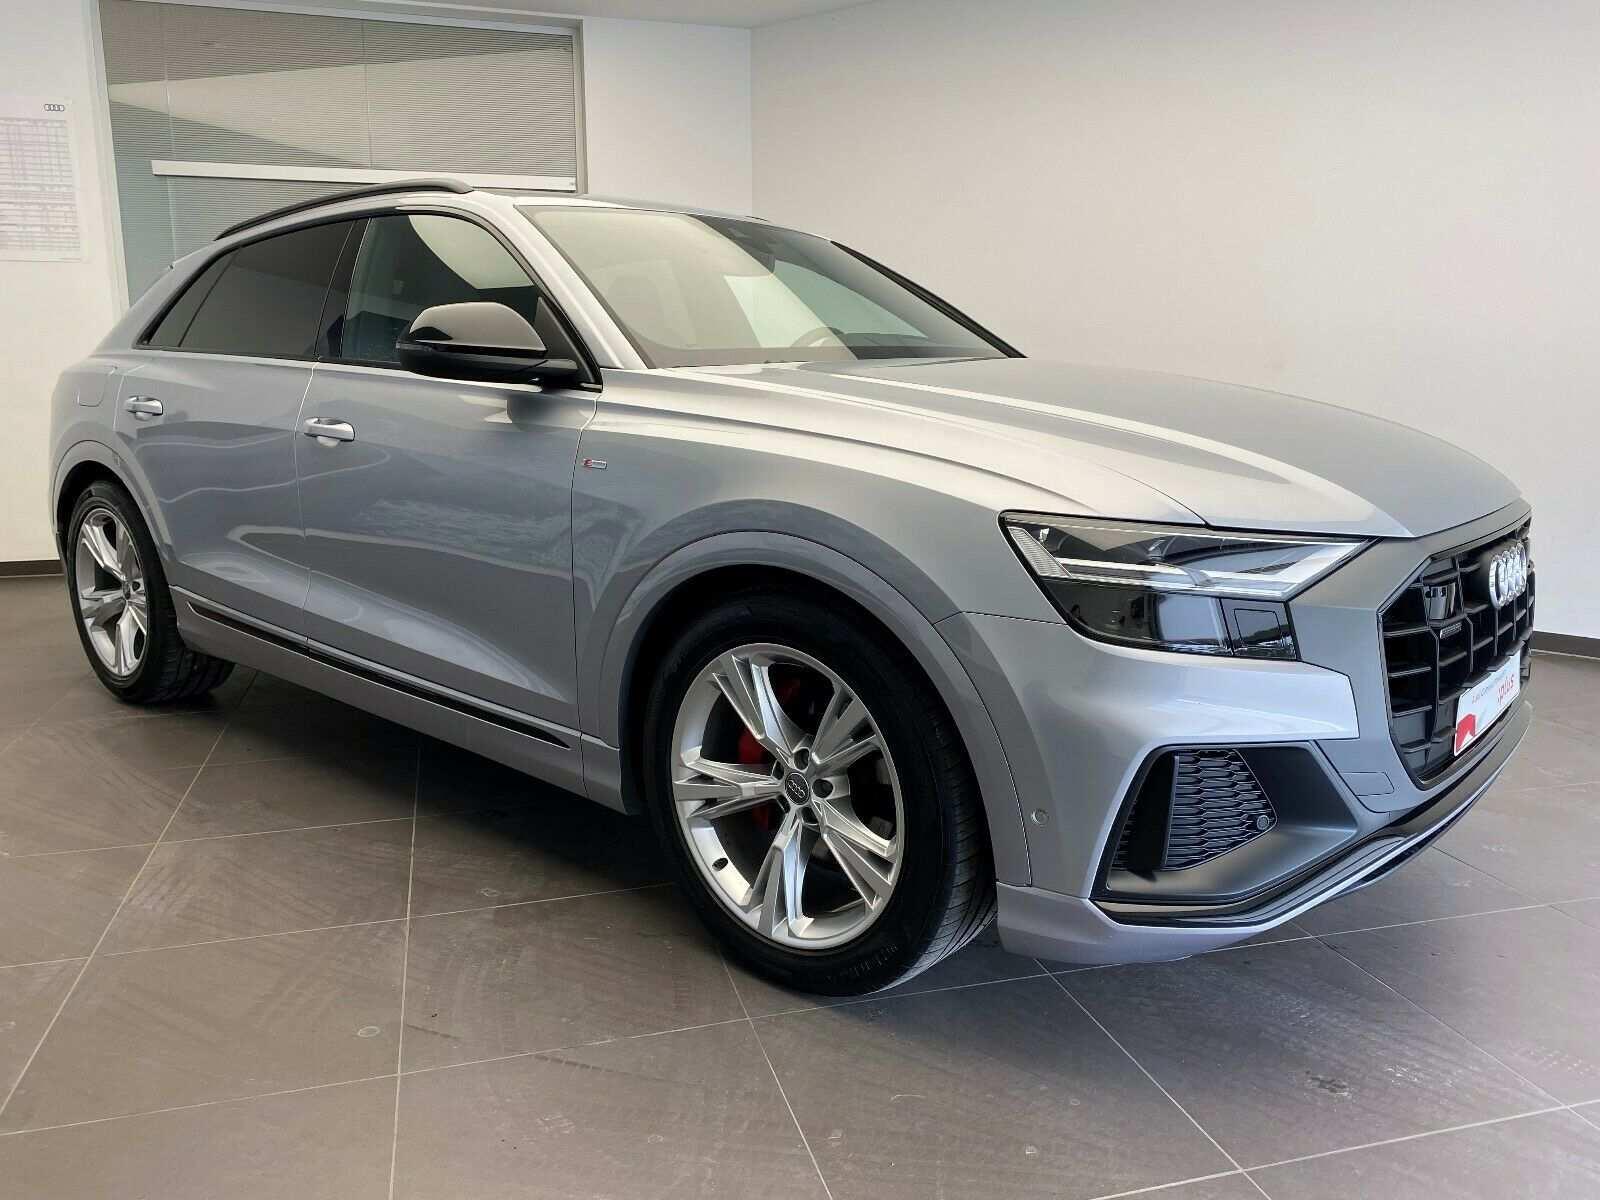 Audi Q8 50 TDI qu - 2 x S LINE - AHK - PANORAMA - ACC, Jahr 2019, Diesel